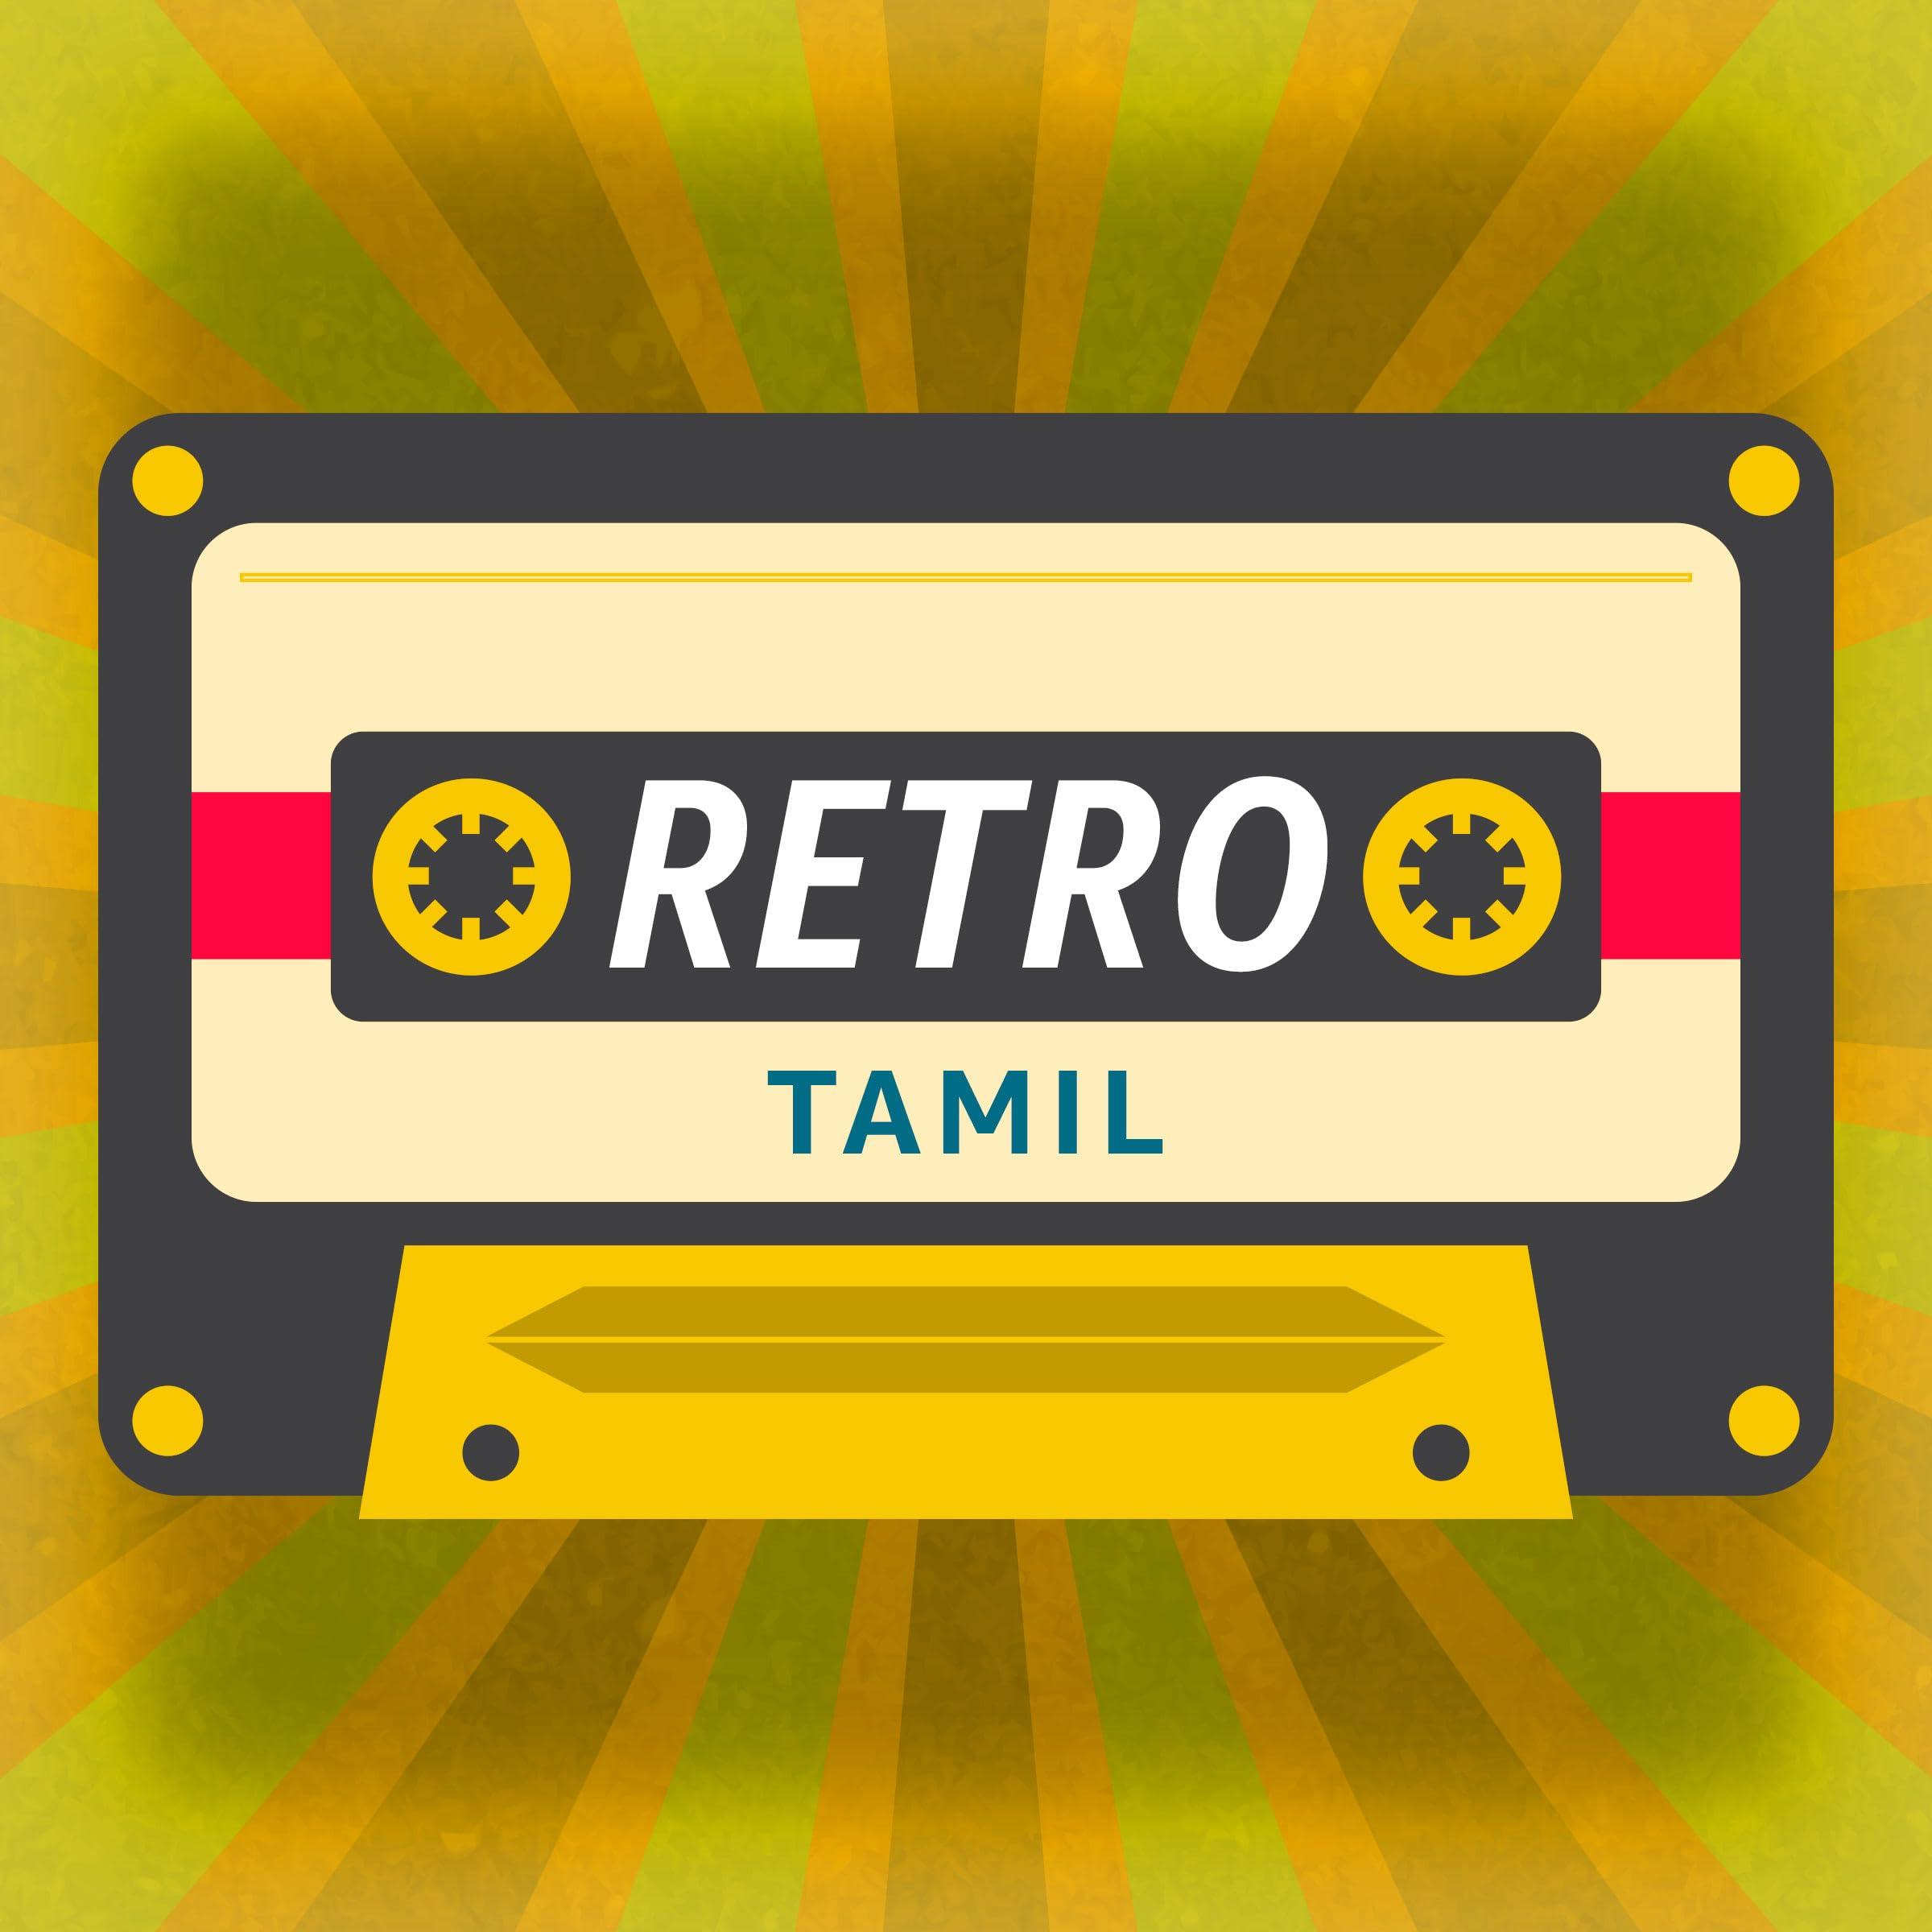 Retro Tamil